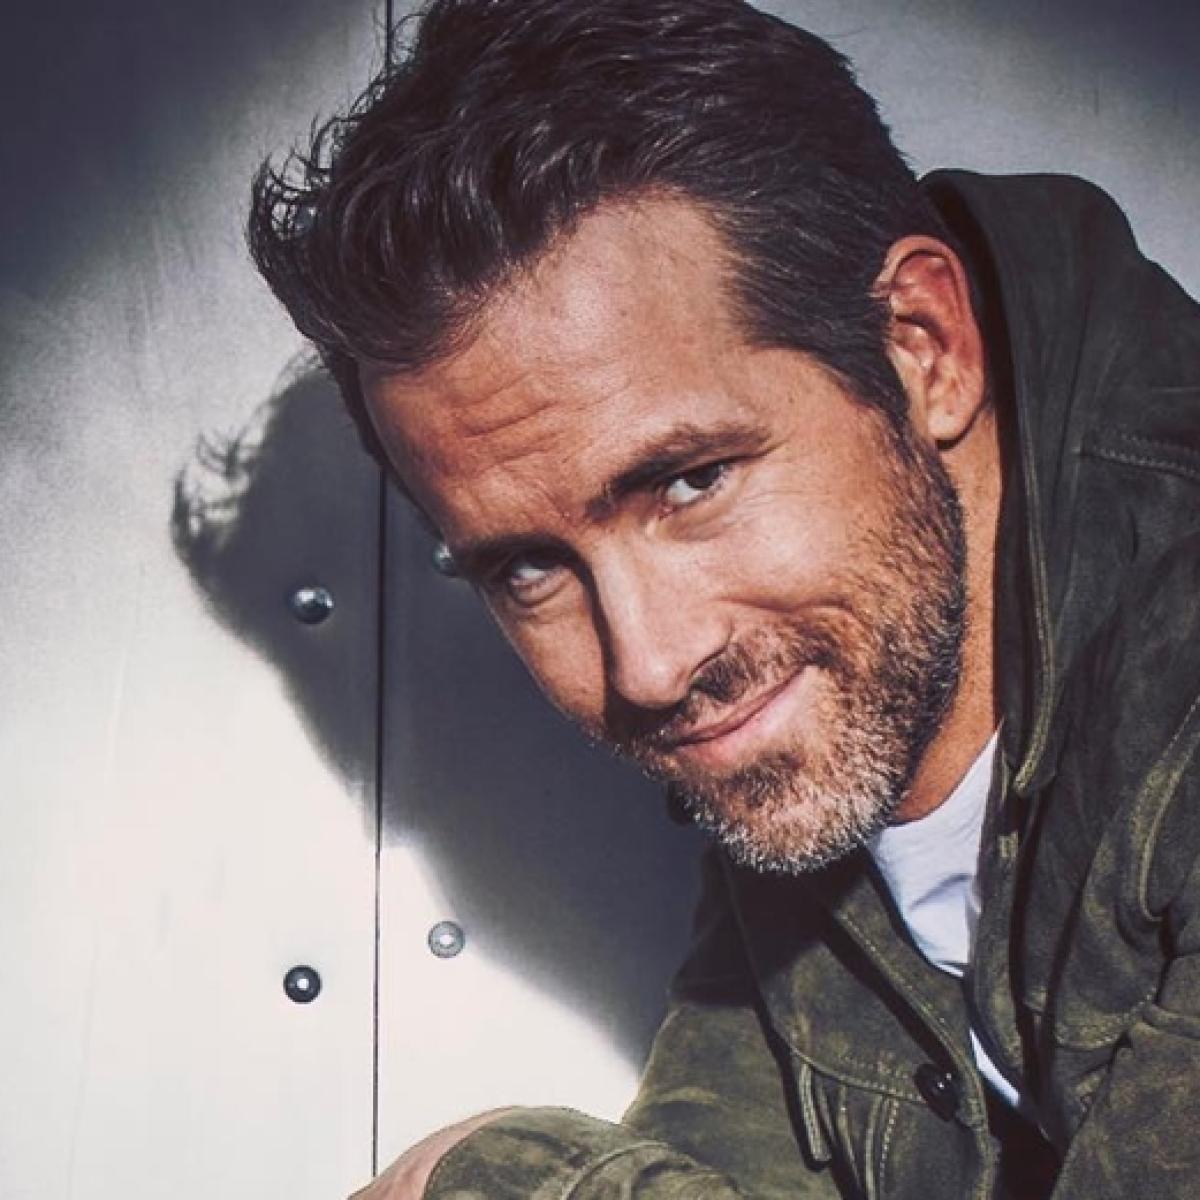 6 Underground Trailer: 'Deadpool' star Ryan Reynolds to debut on Netflix